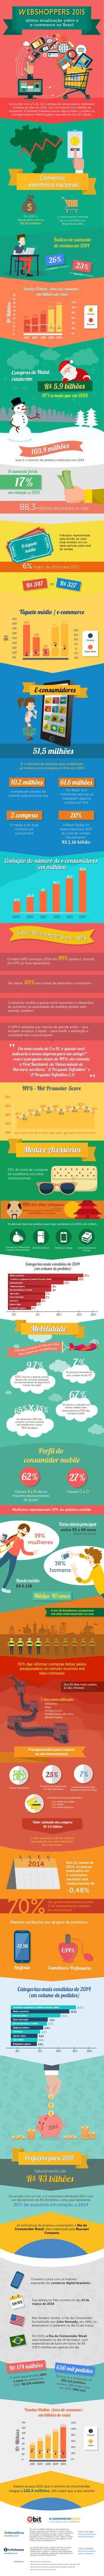 Infográfico: 51,5 milhões de consumidores compraram online em 2014. #modernistablog #brasil #marketingdigital #comercioelectronico